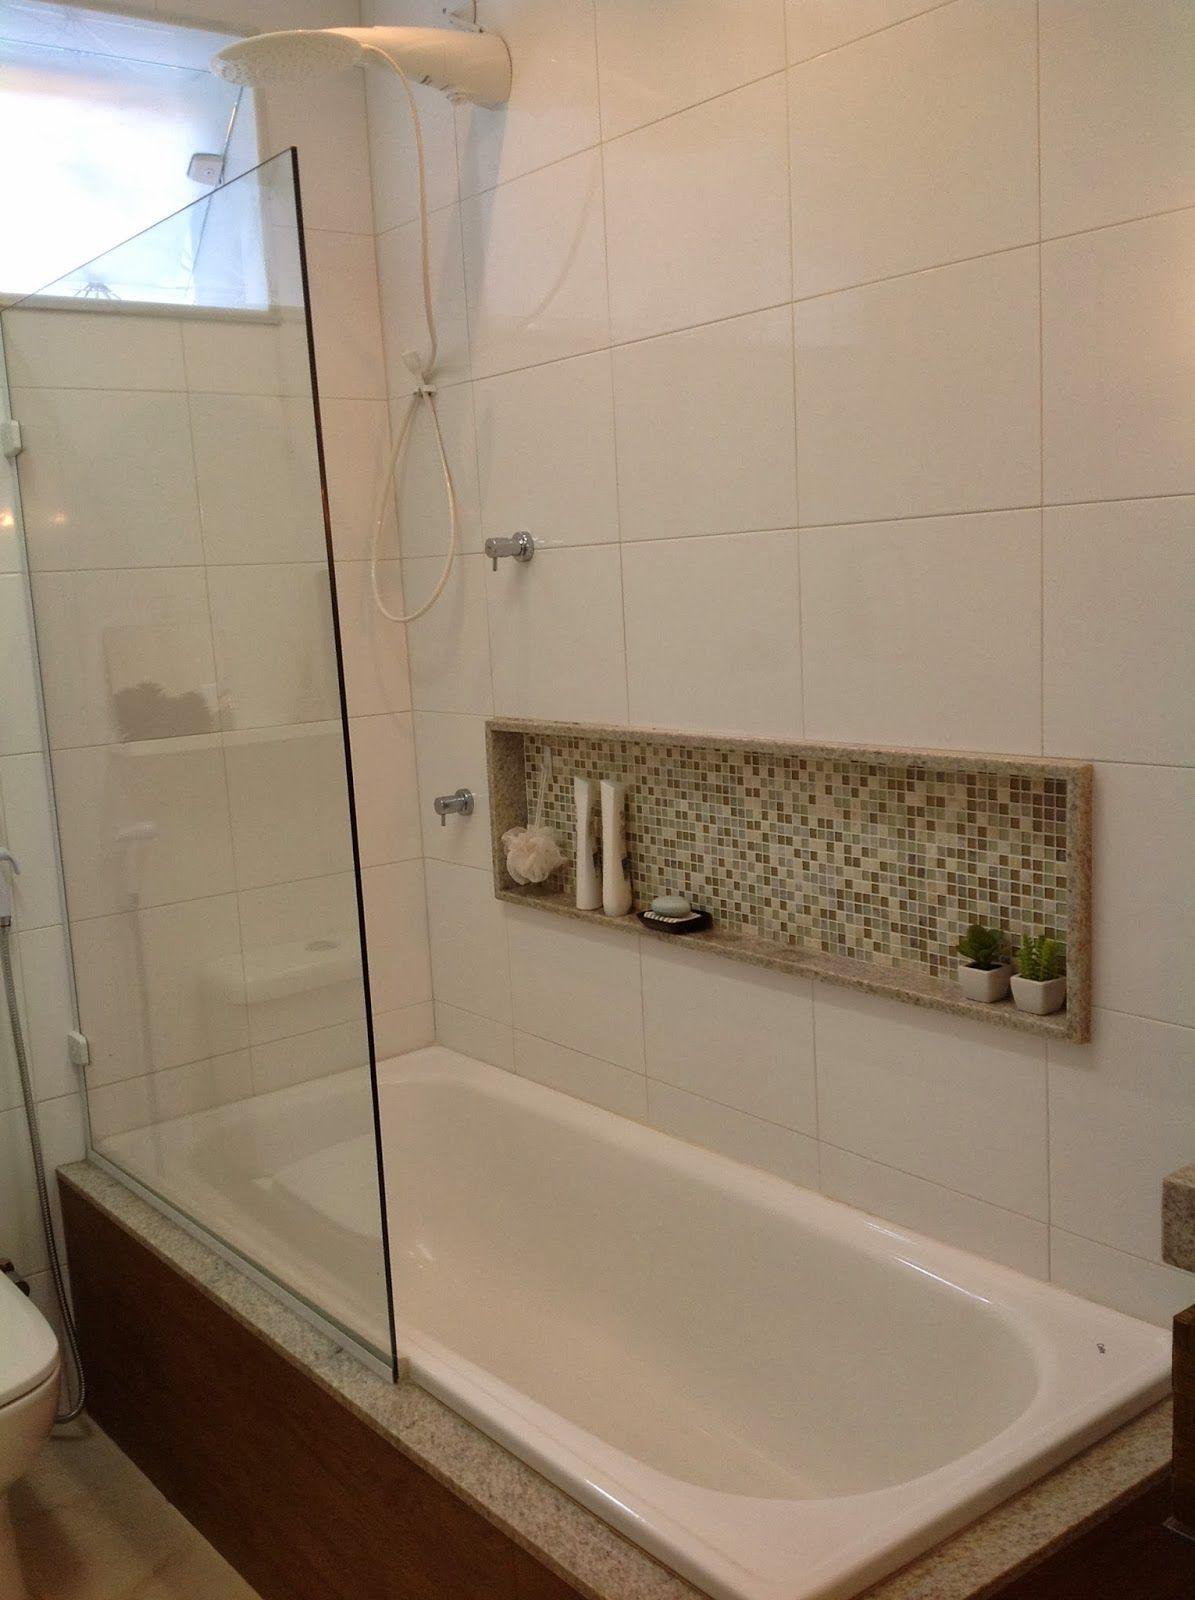 meio box, banheira e o porta shampoo  banheiro  banheira  Pinterest  Port -> Planejamento De Banheiro Com Banheira